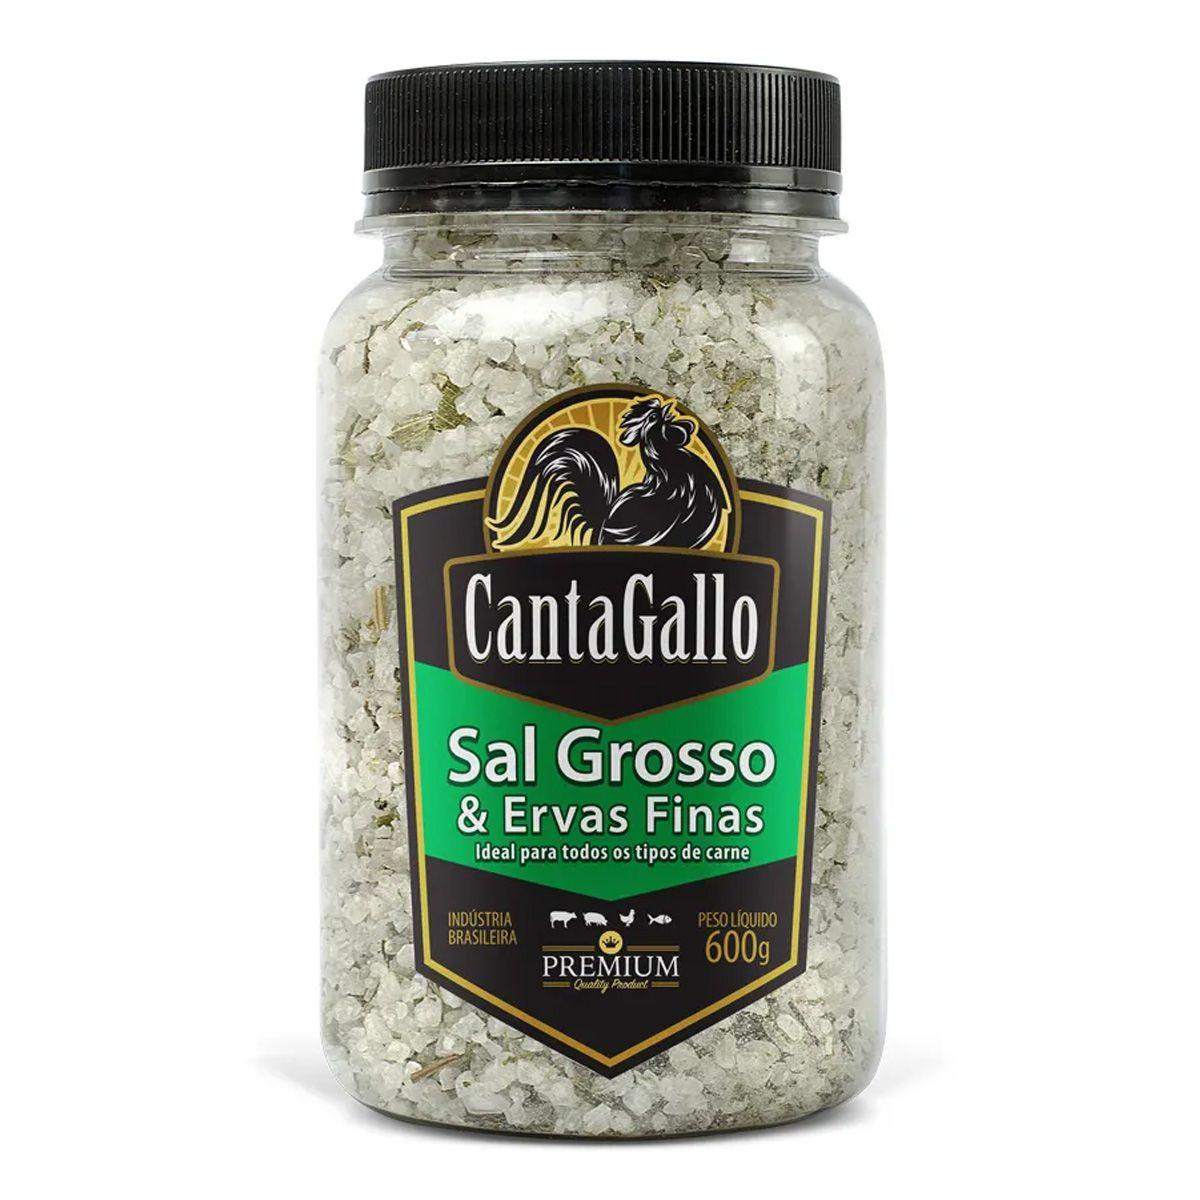 Sal Grosso e Ervas Finas Cantagallo Premium 600g